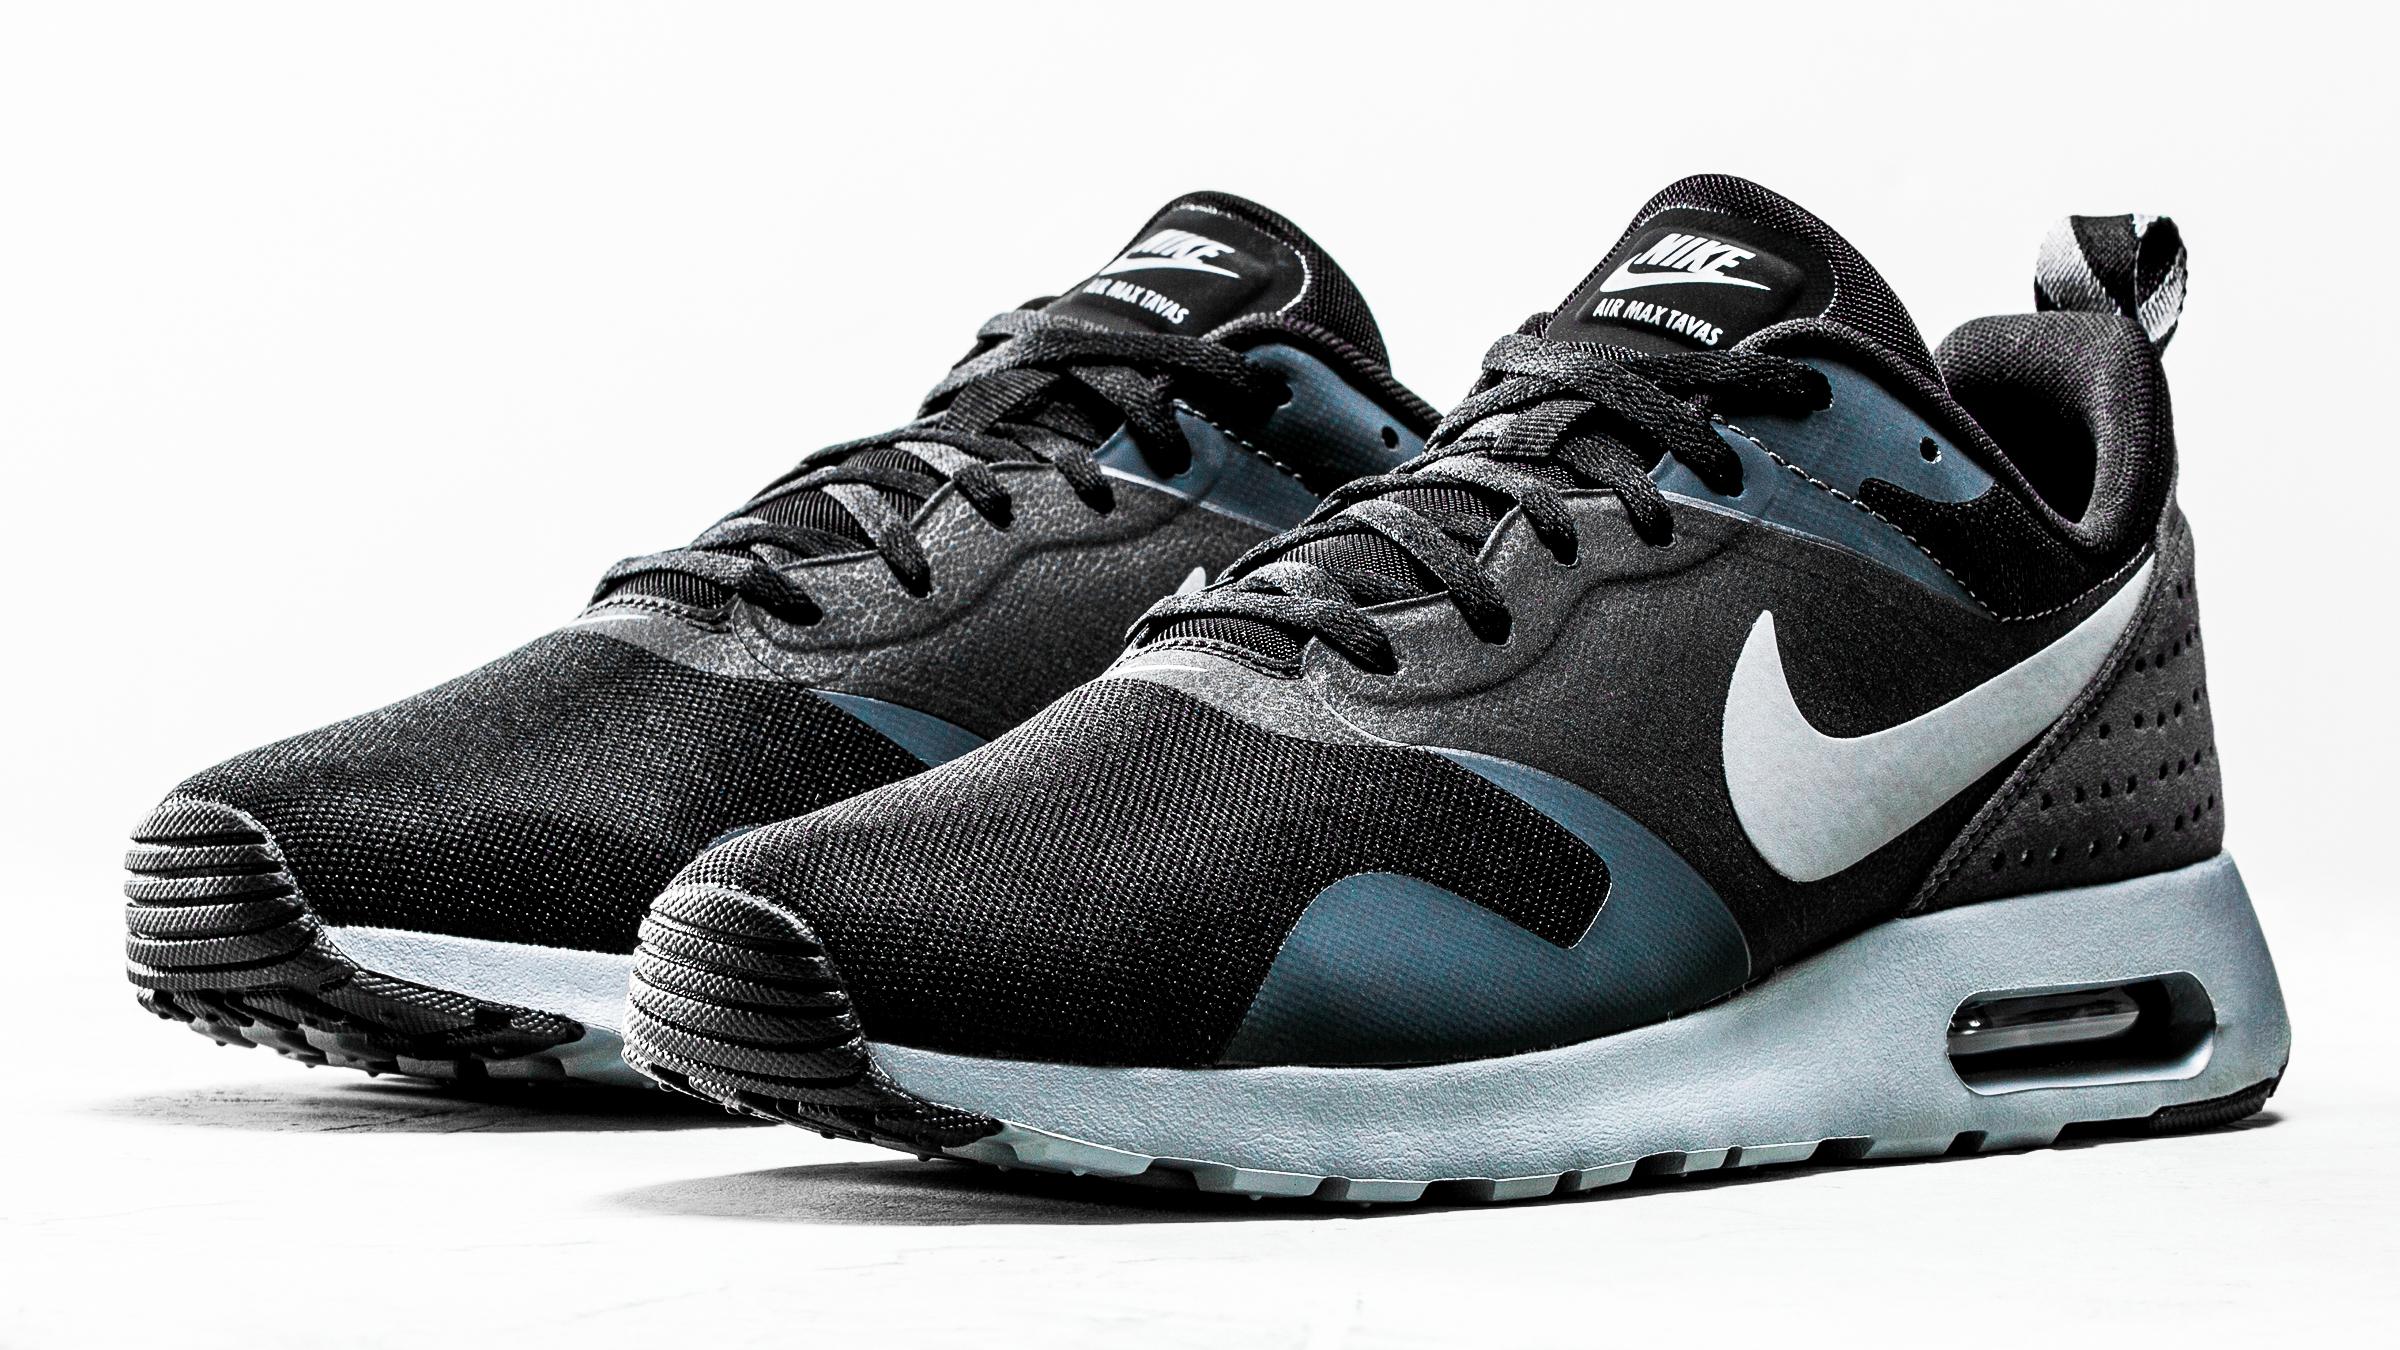 Nike_Tavas_quarterview_MG_0274-2.jpg